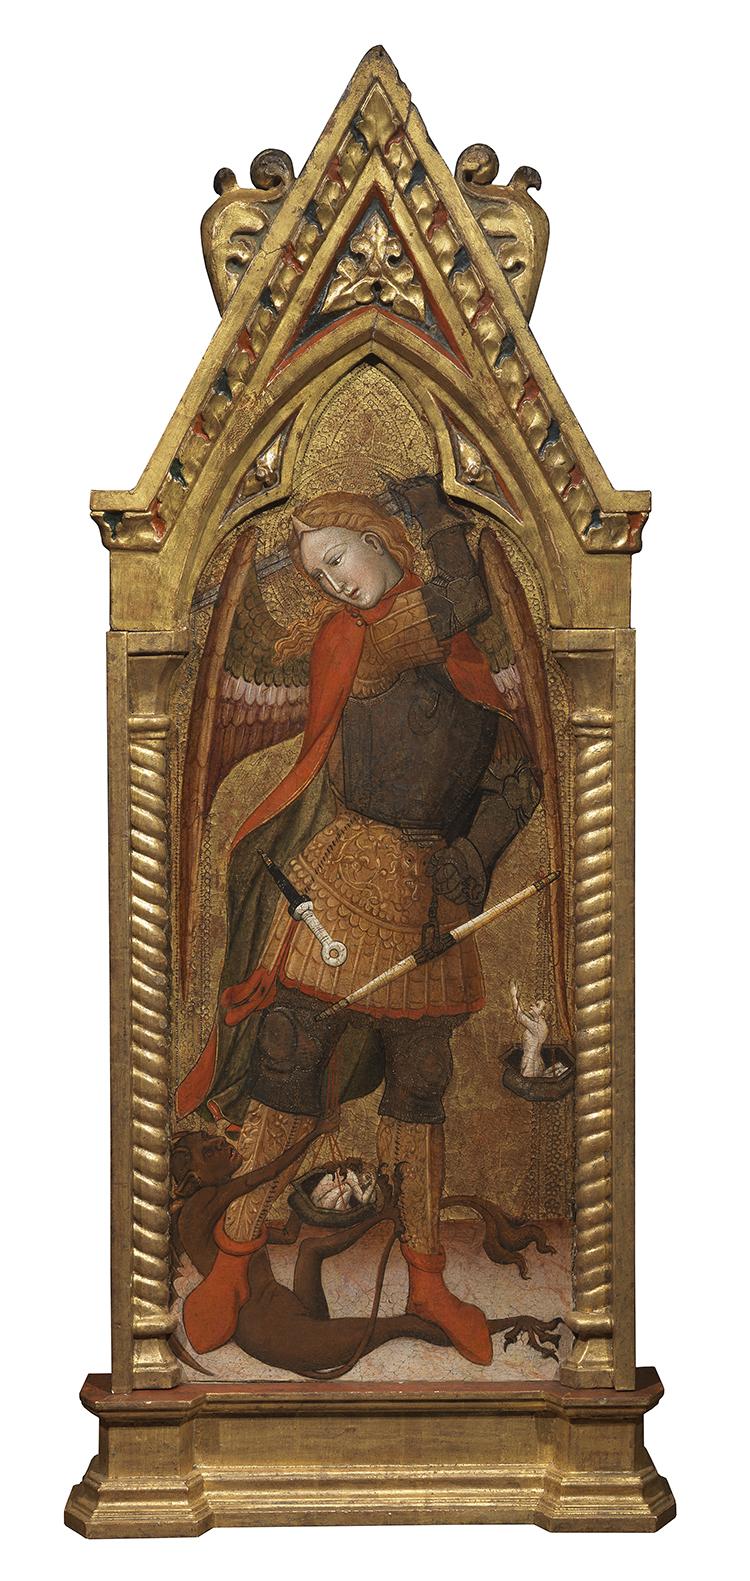 Andrea de Bartoli (attivo ca. 1350 – 1377), L'Arcangelo Michele, XIV secolo, tempera su tavola, 115 x 48 cm